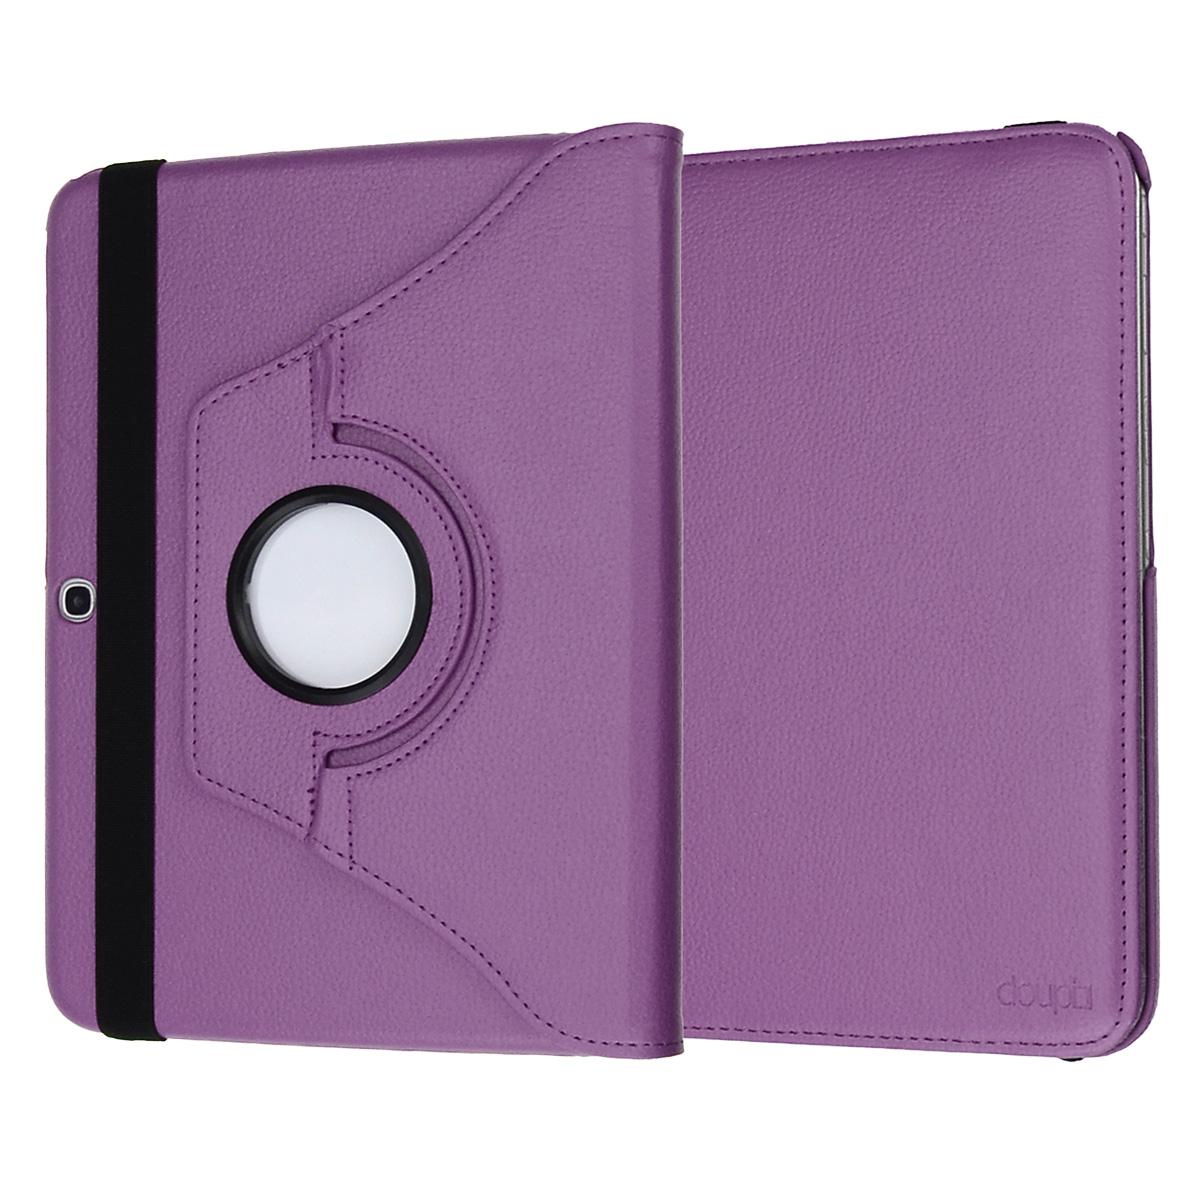 360-drehbar-Huelle-Samsung-Tab-E-9-6-Schutz-Cover-Case-Tasche-Etui-Staender-Folie Indexbild 23